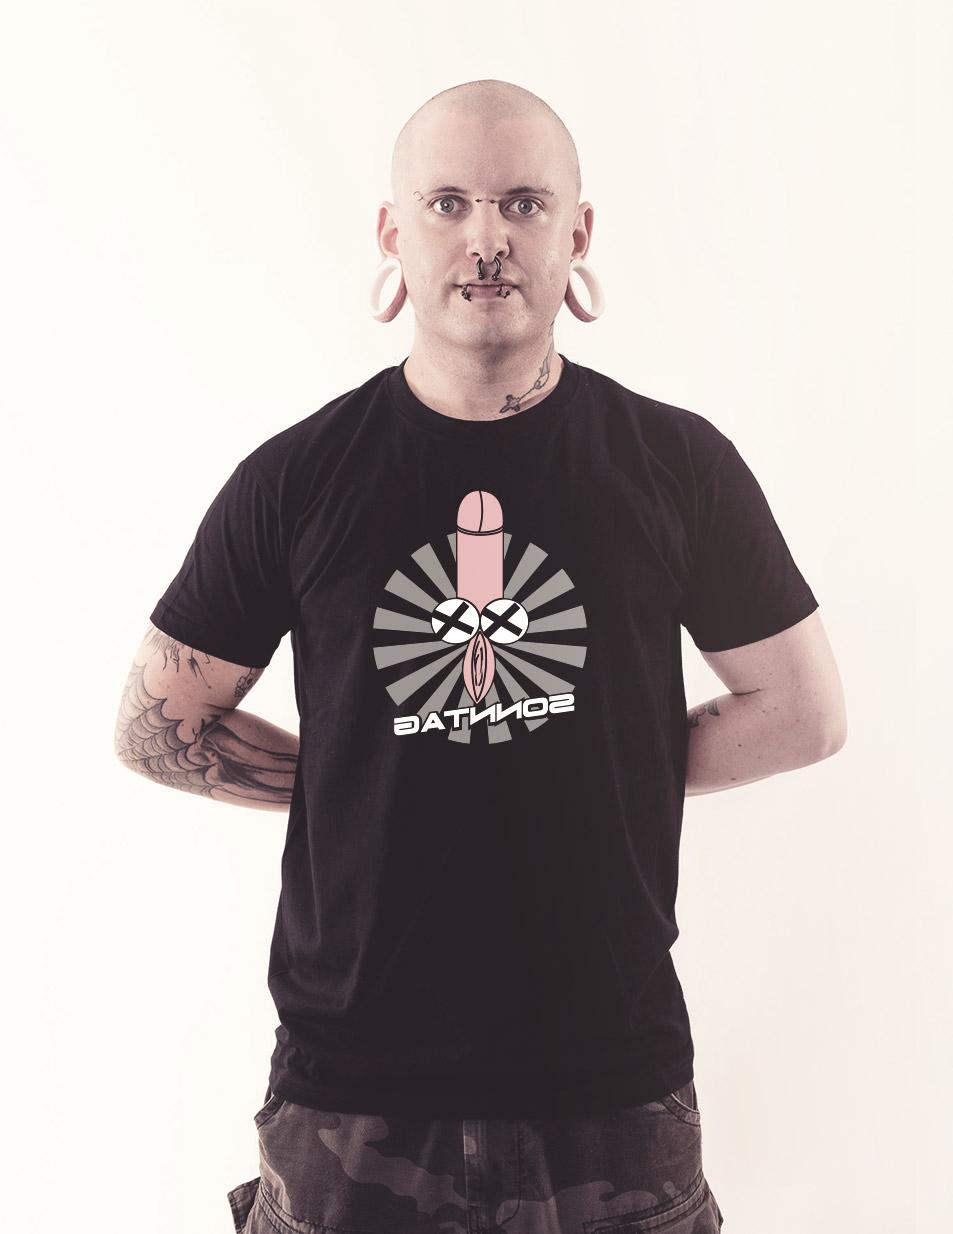 Fotzenpimmelshirt - Sonntag mehrfarbig auf schwarz